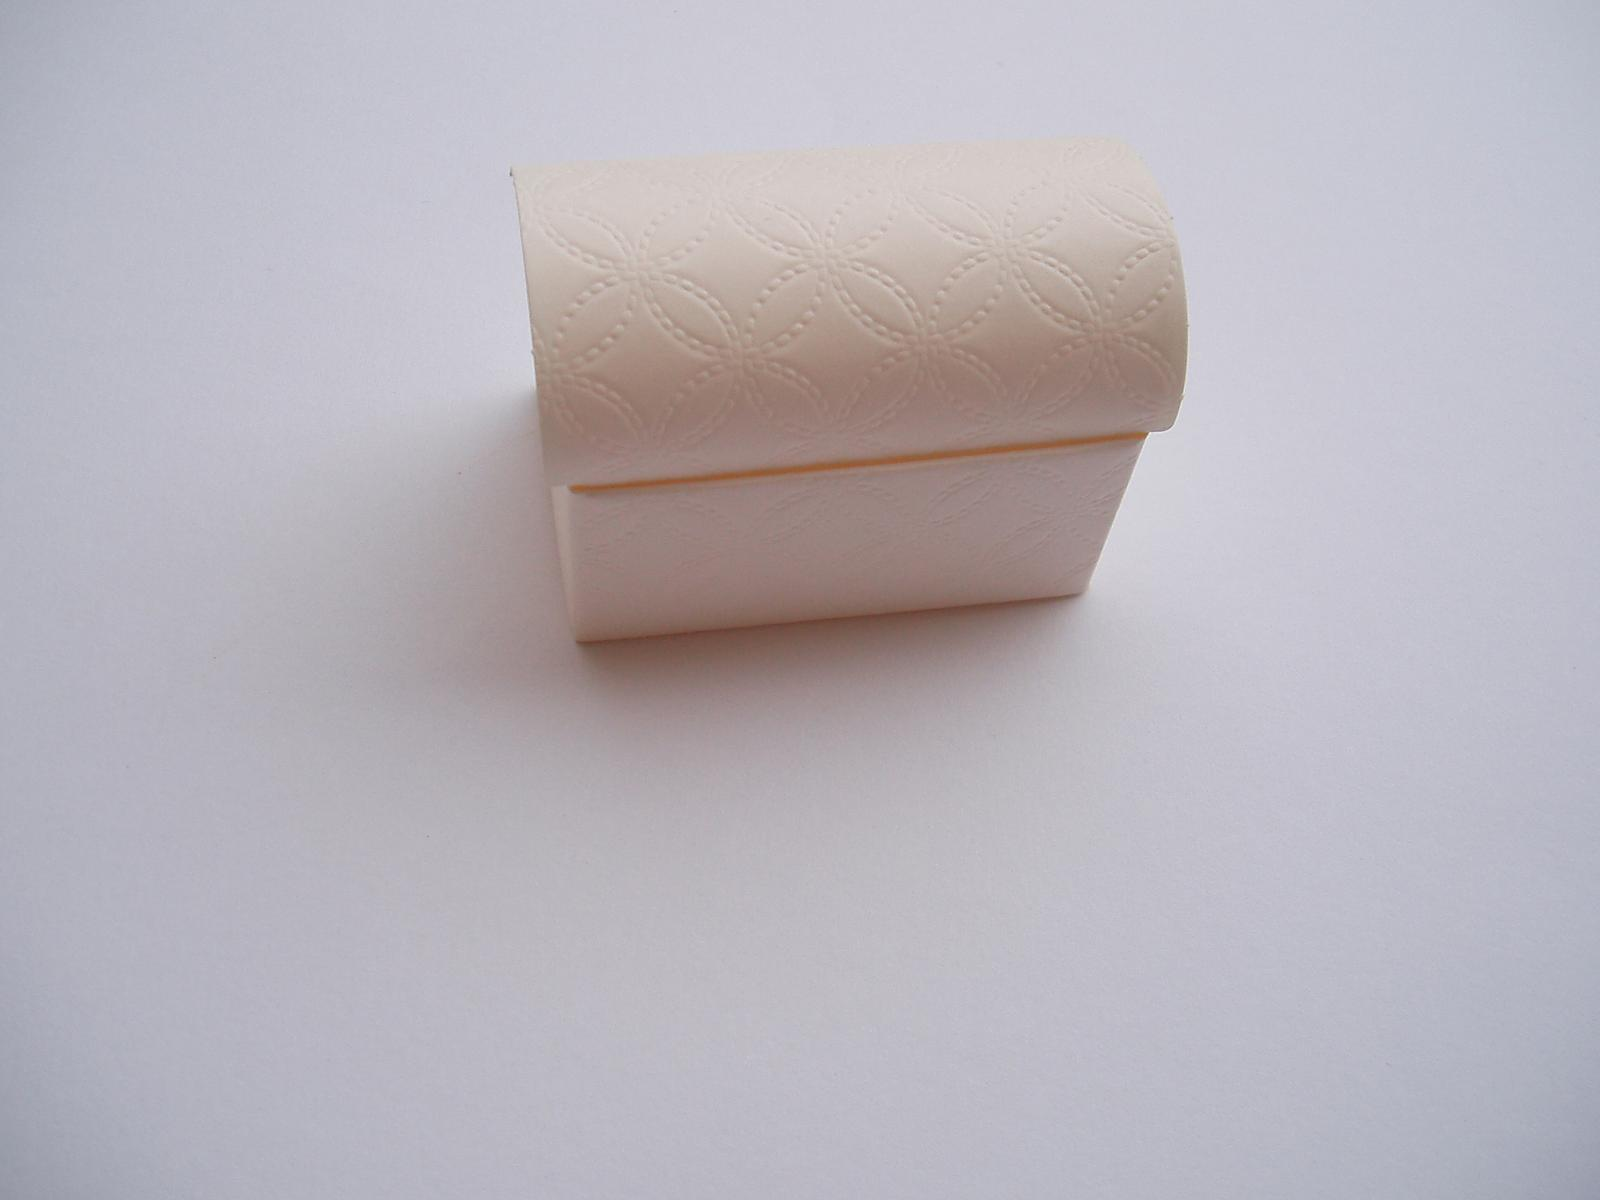 krabička orient bílá - Obrázek č. 3